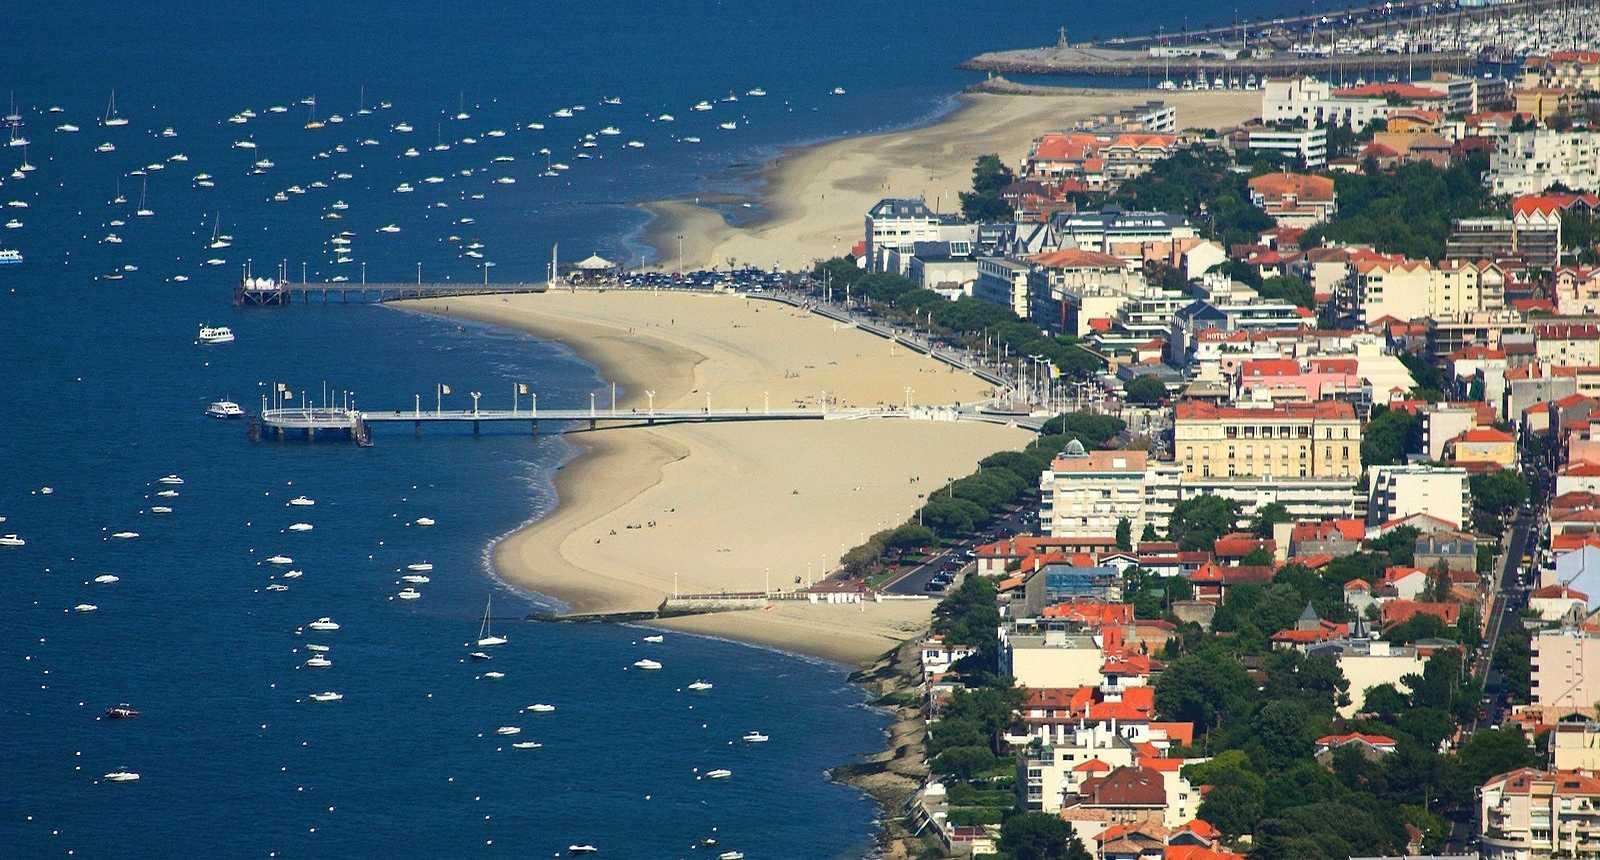 Vue aérienne du port d'Arcachon